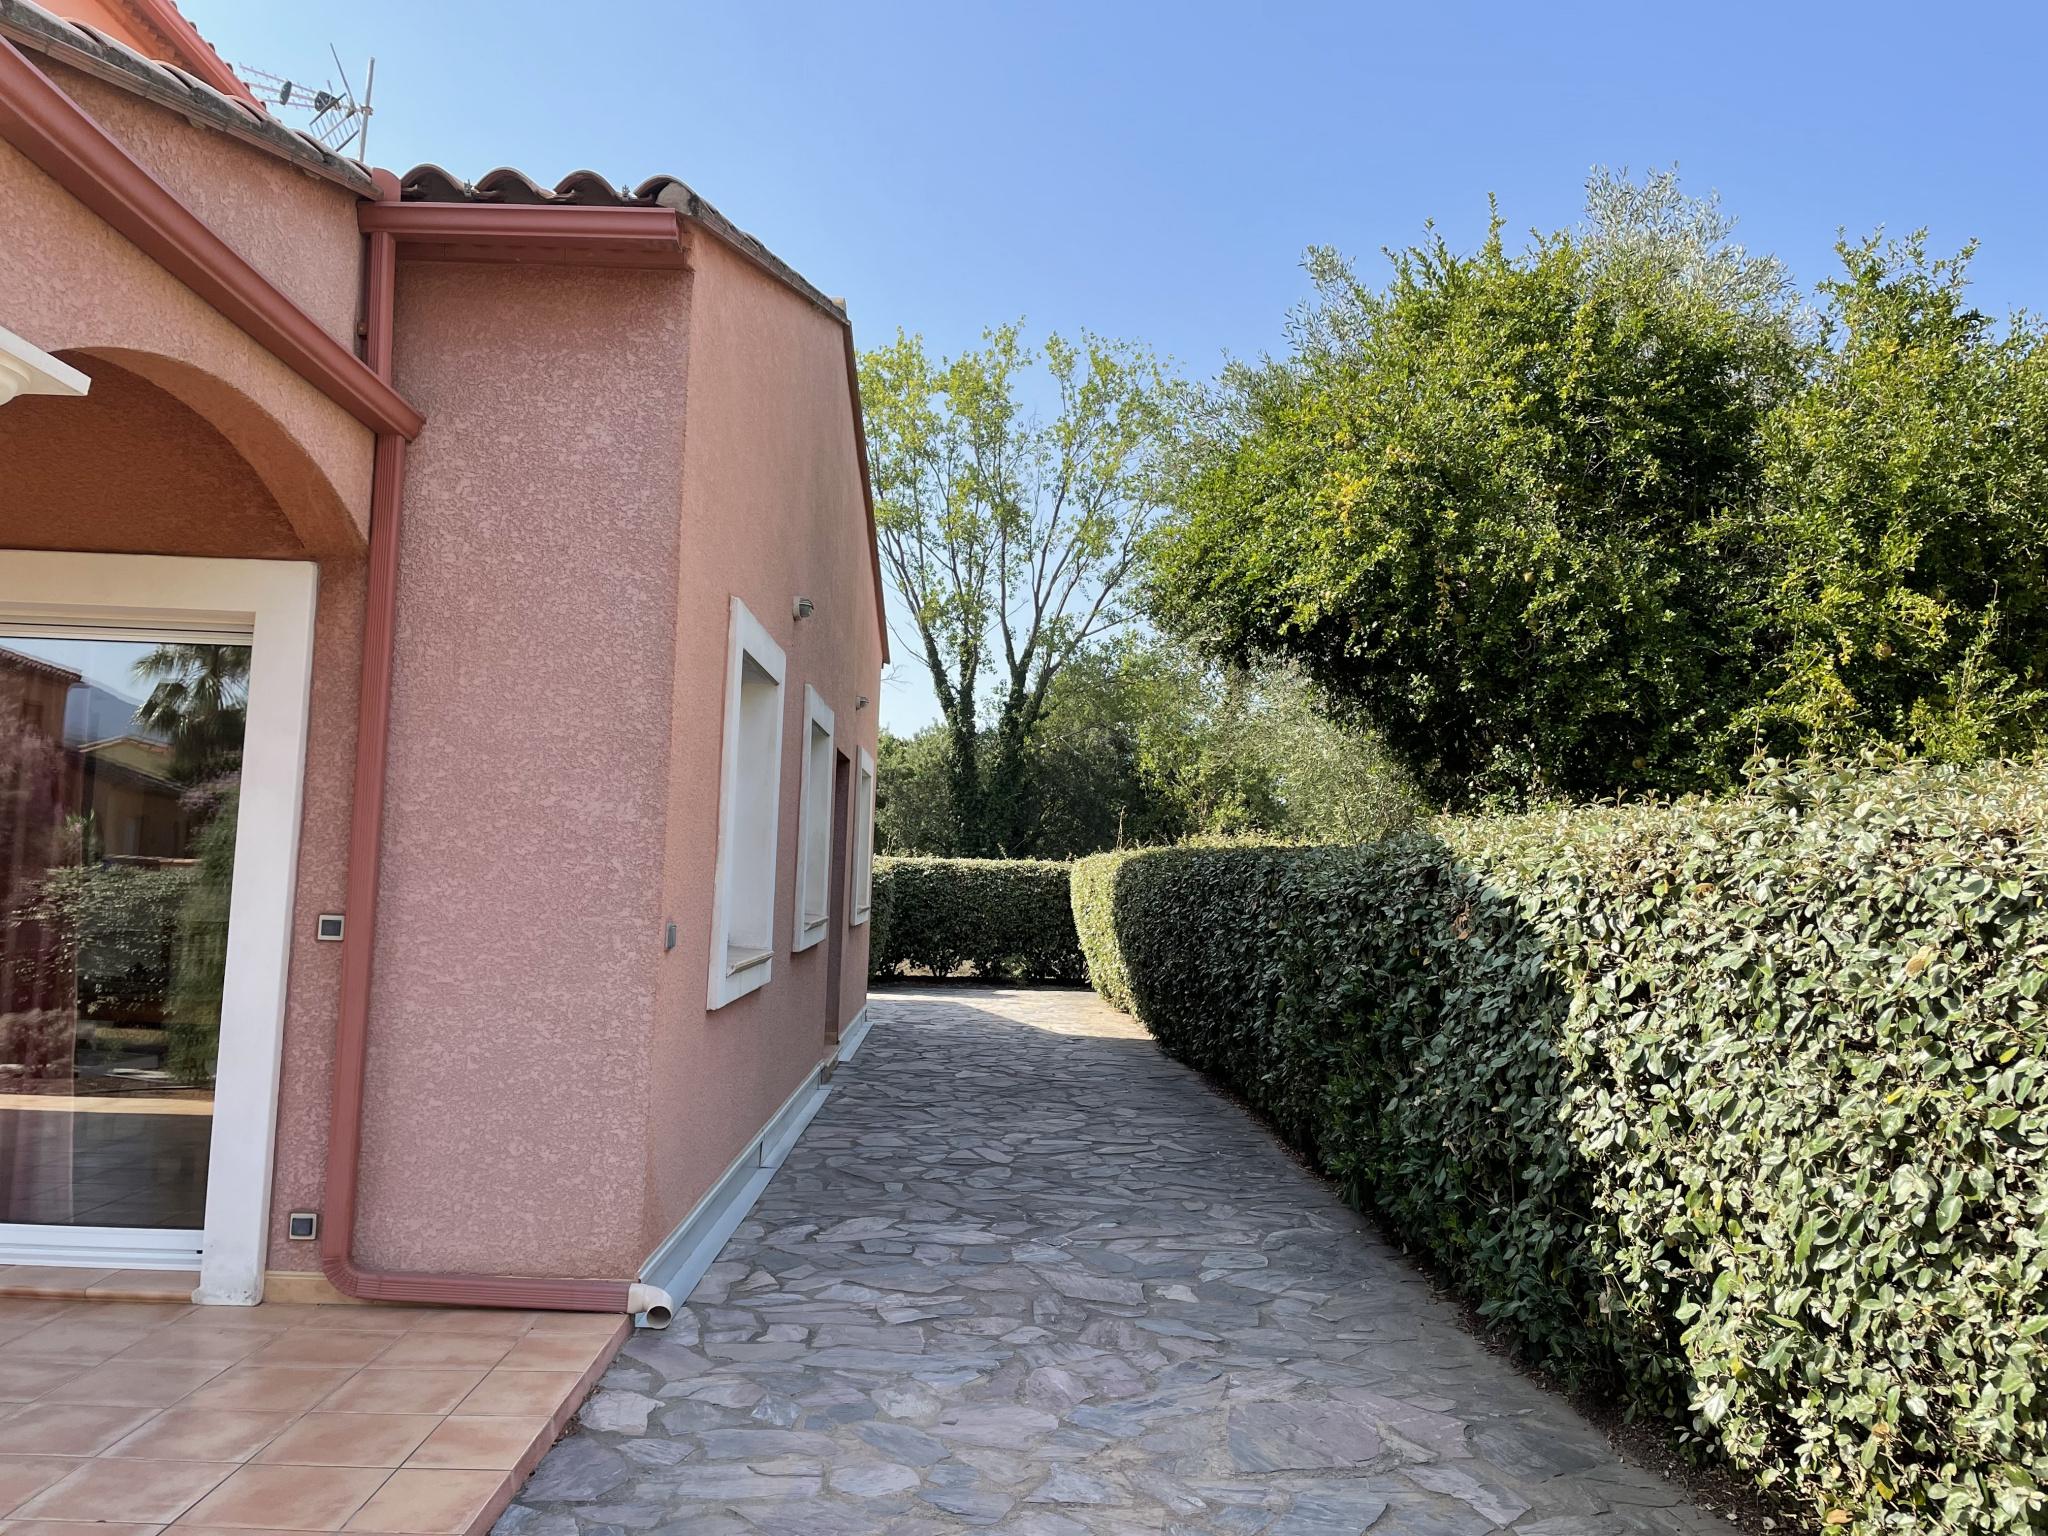 À vendre maison/villa de 124m2 à argeles sur mer (66700) - Photo 20'